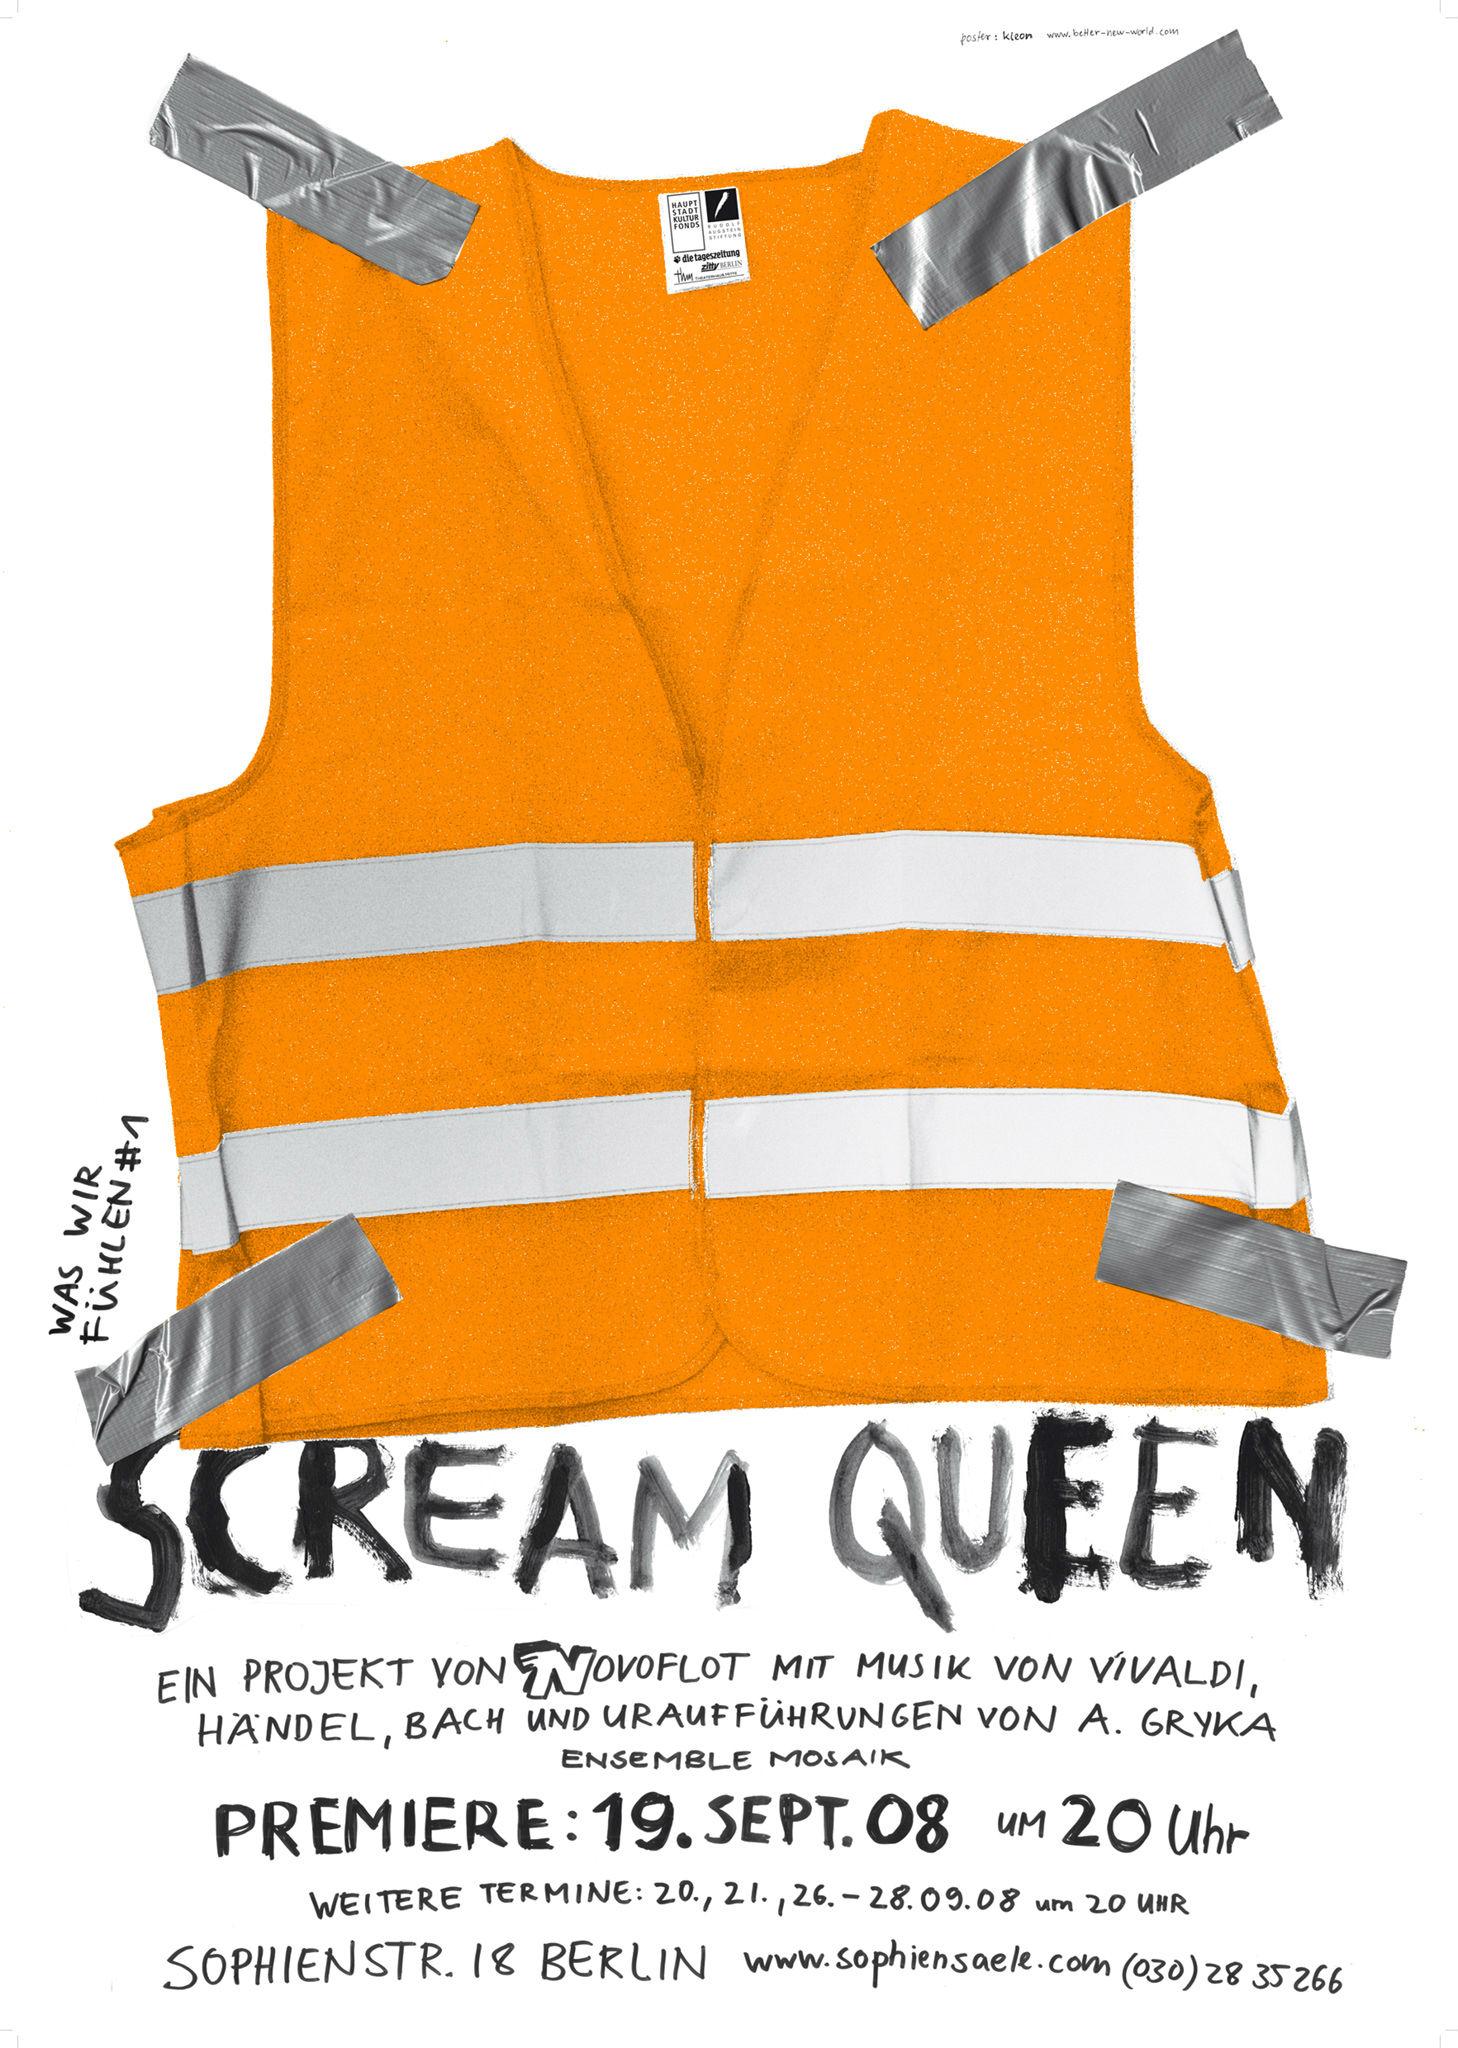 Kleon Medugorac Scream Queen 2007 poster for novoflot.